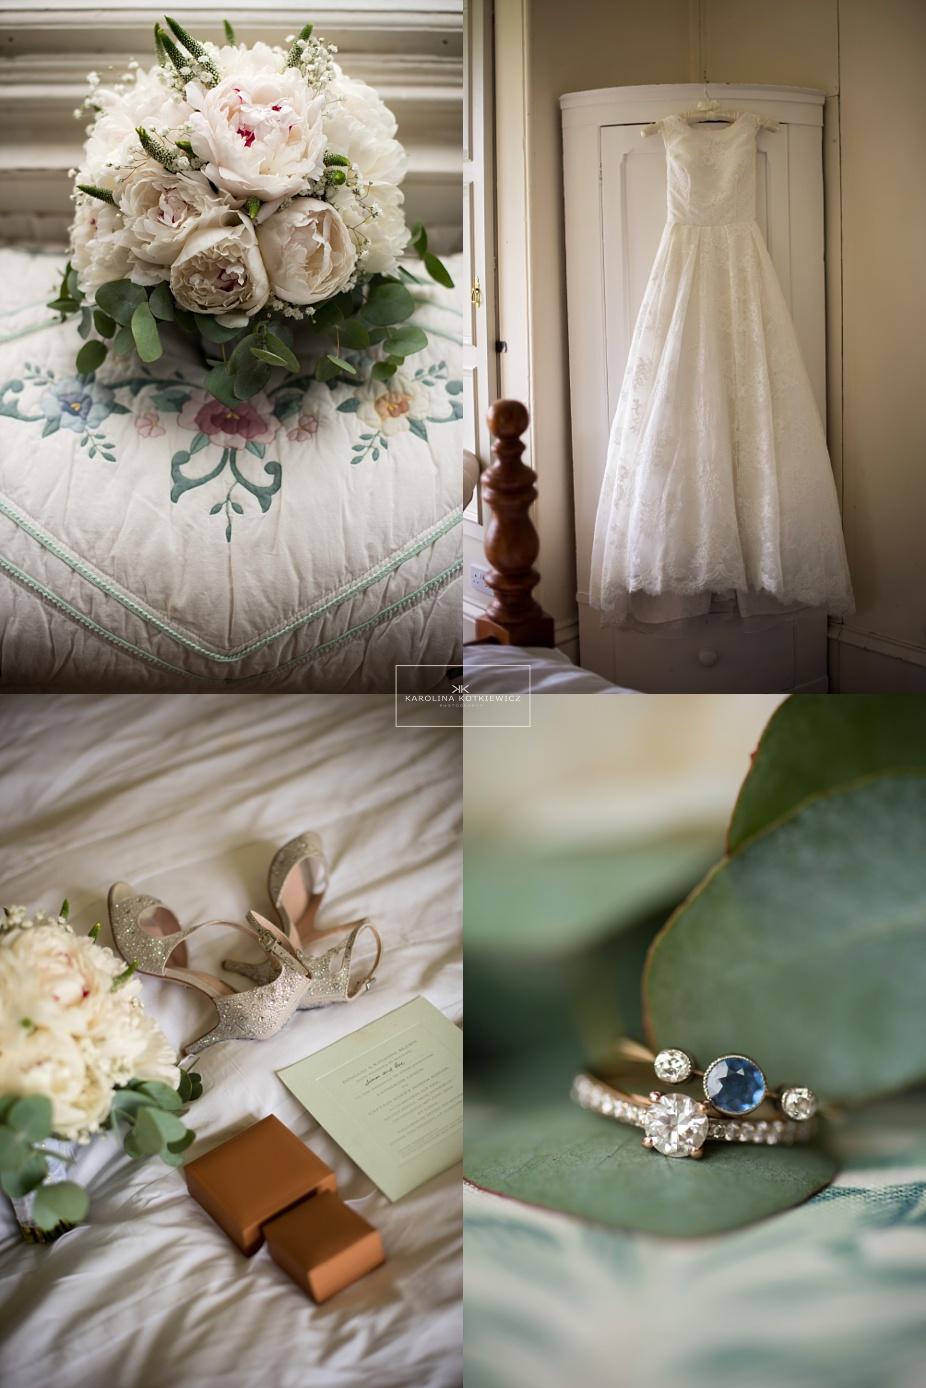 002_Glencourse House wedding photos